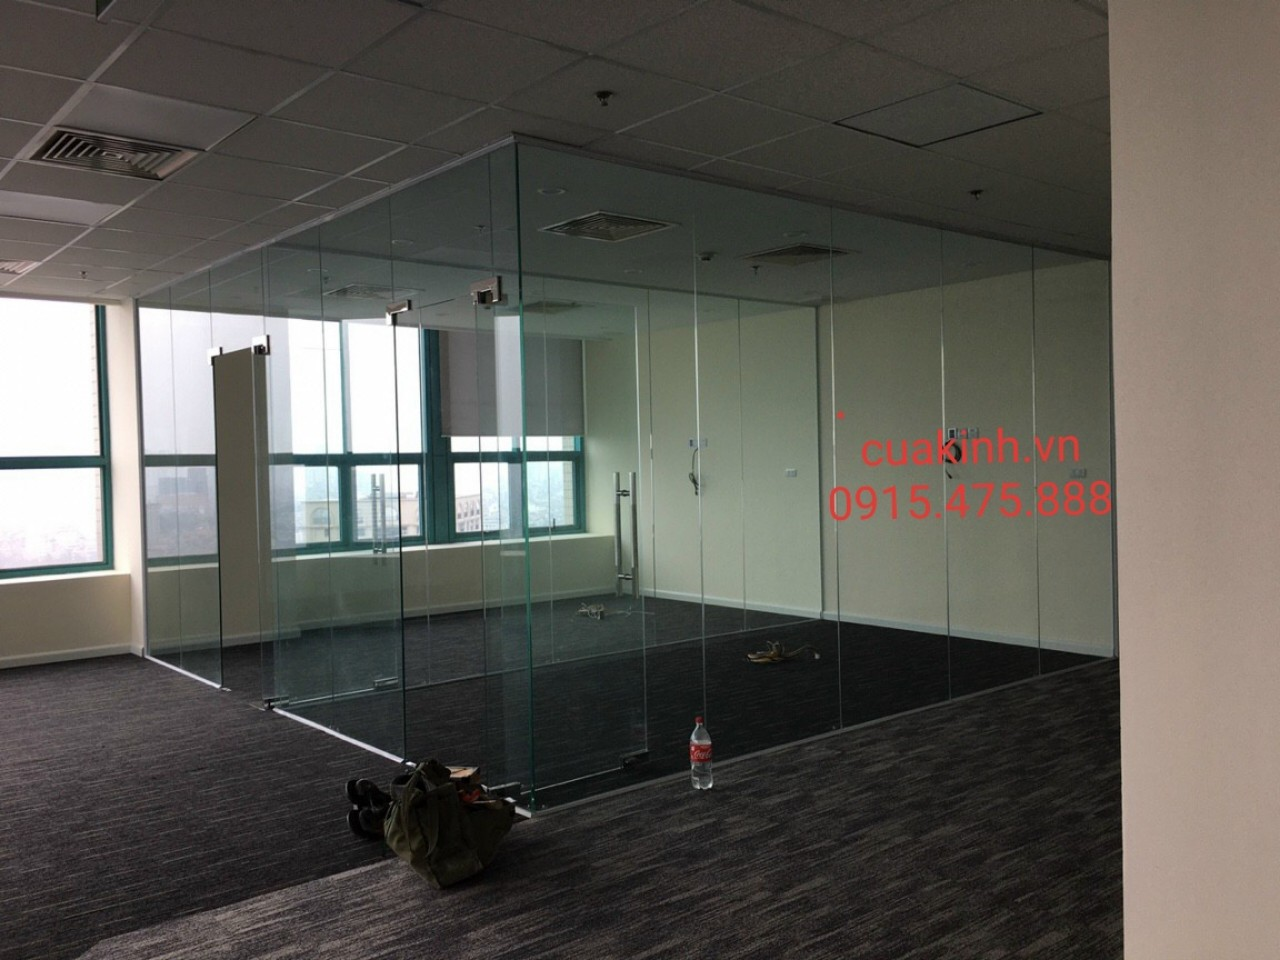 Vách kính văn phòng và cửa kính thuỷ lực